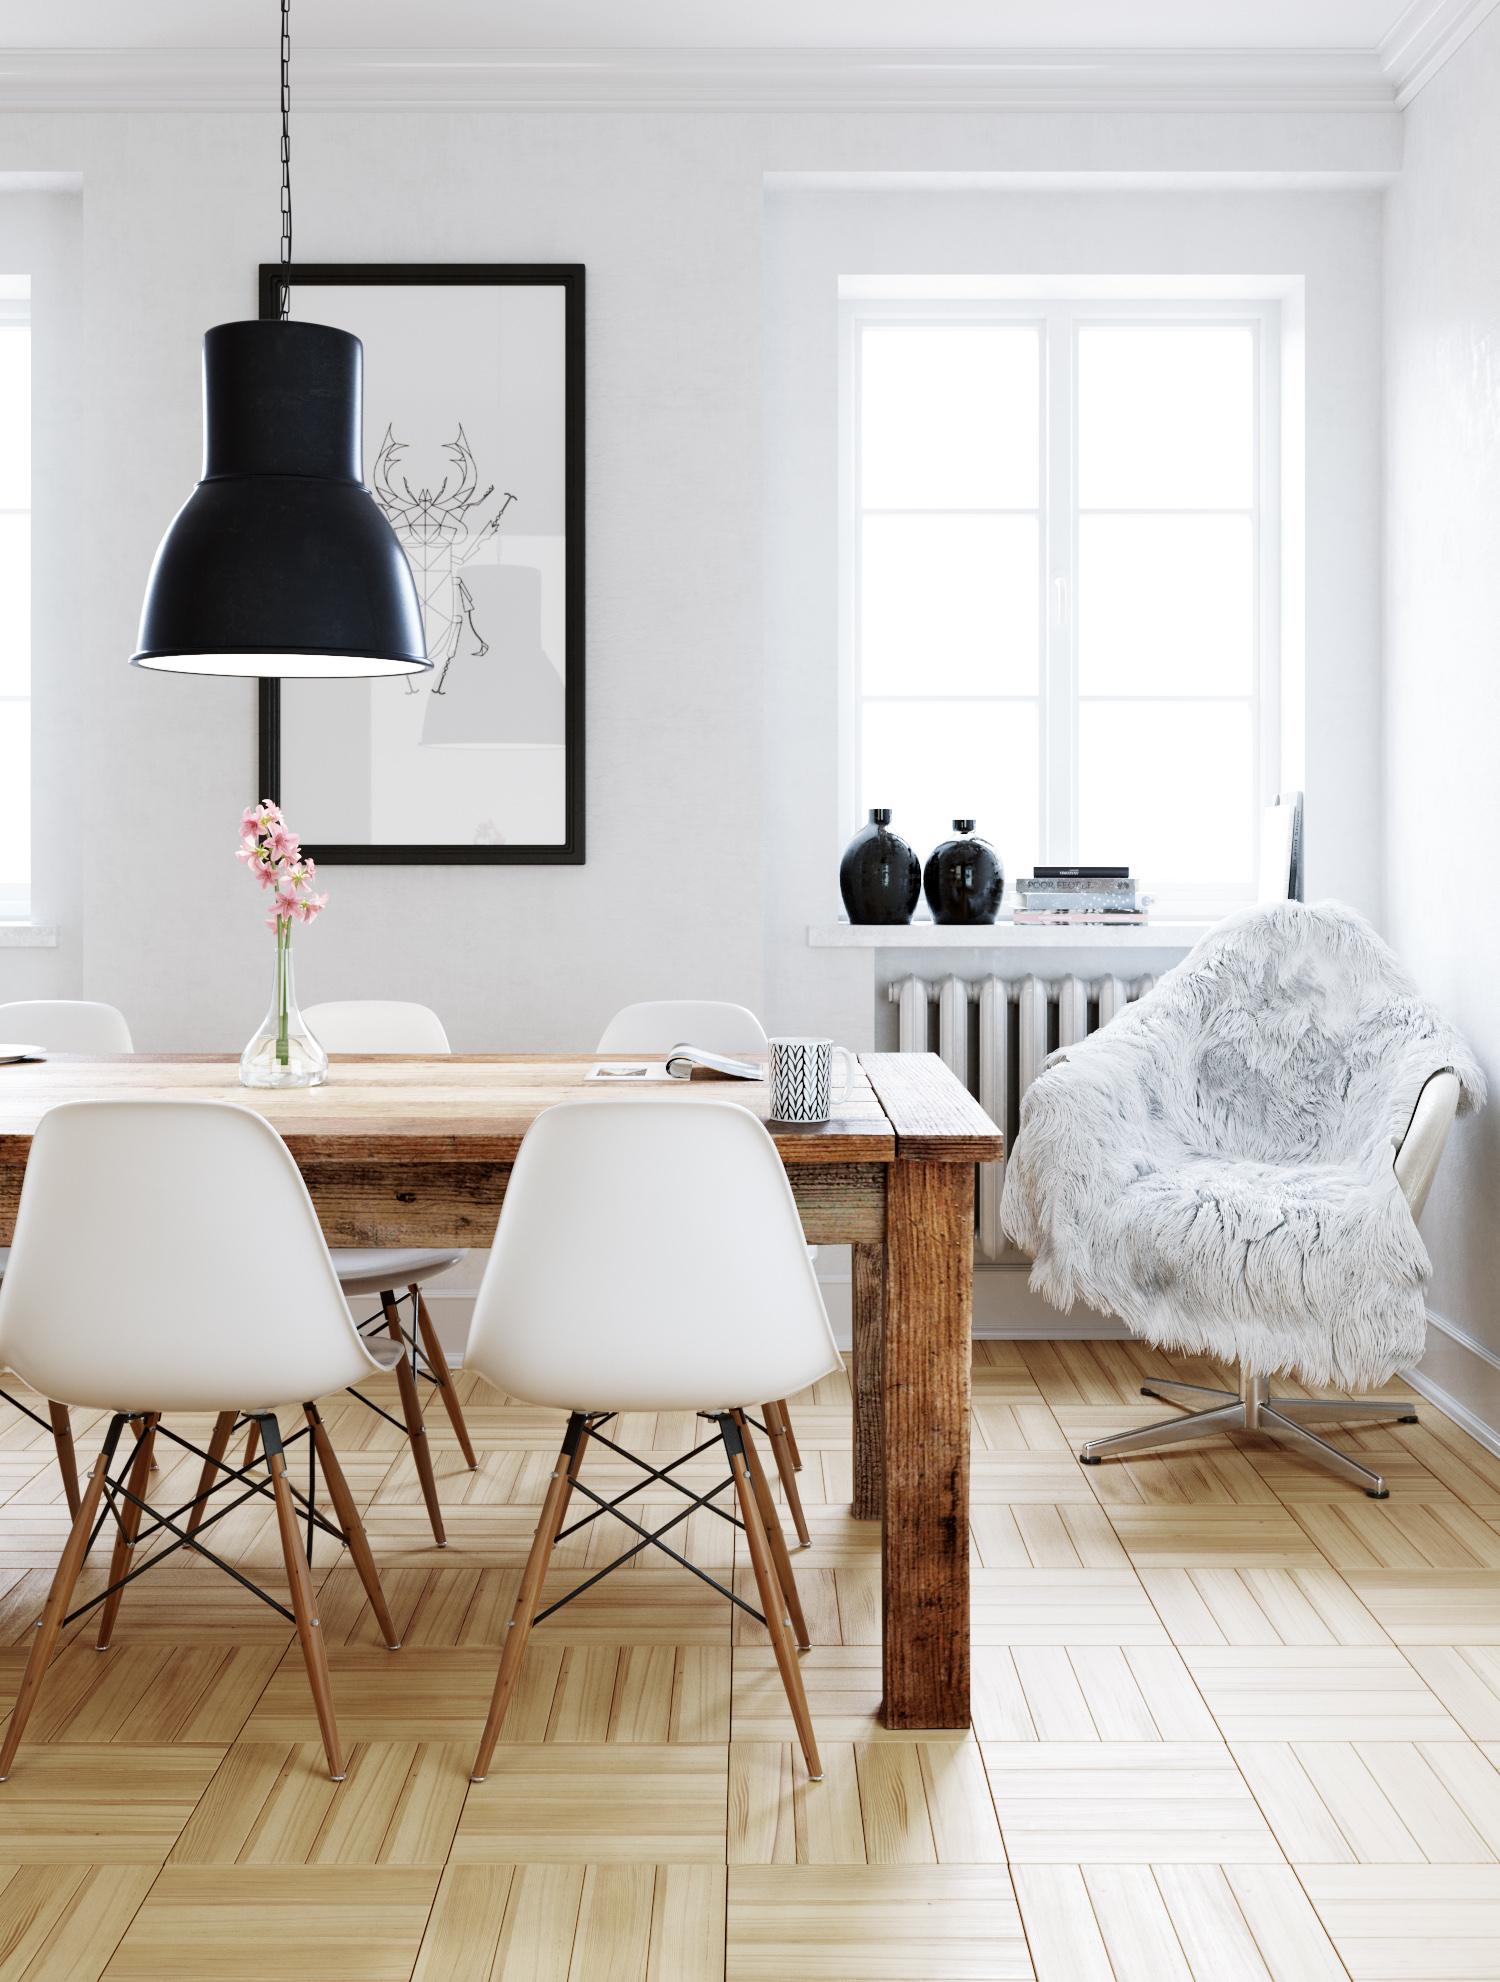 Pokój w stylu skandynawskim 2